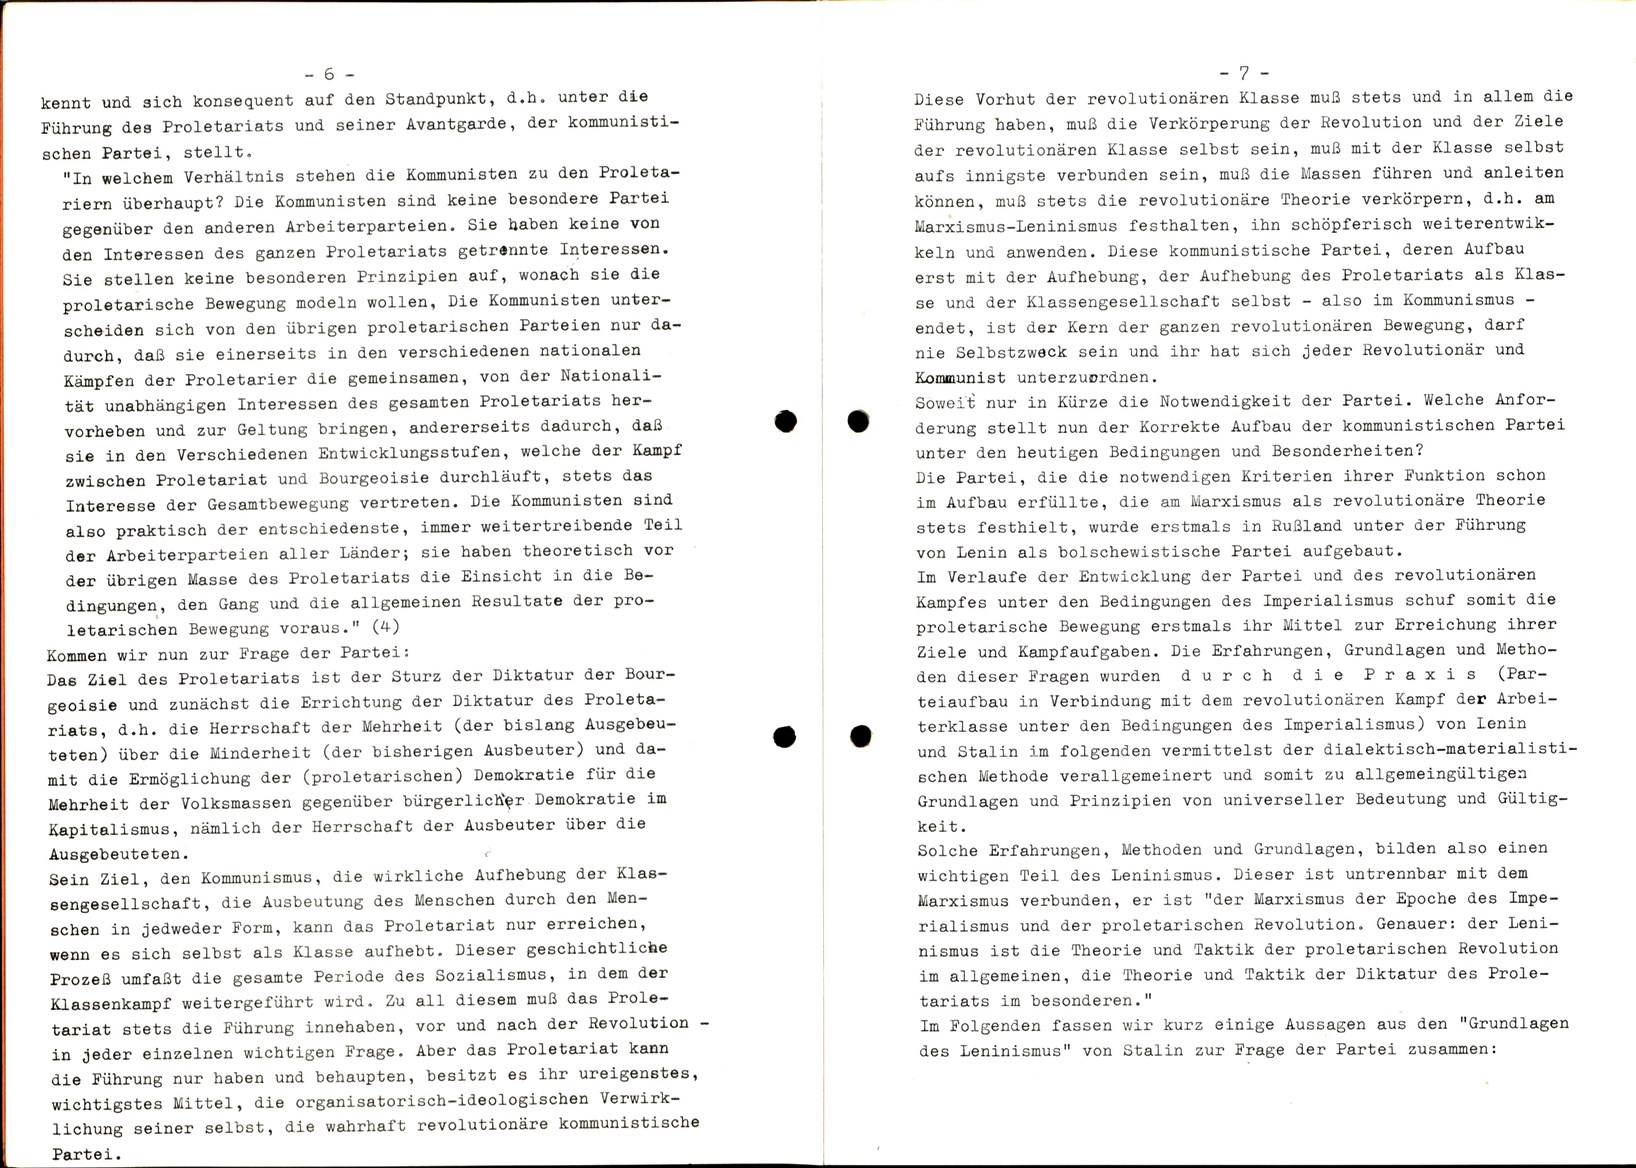 Aachen_KSBML_1971_Selbstkritik_05